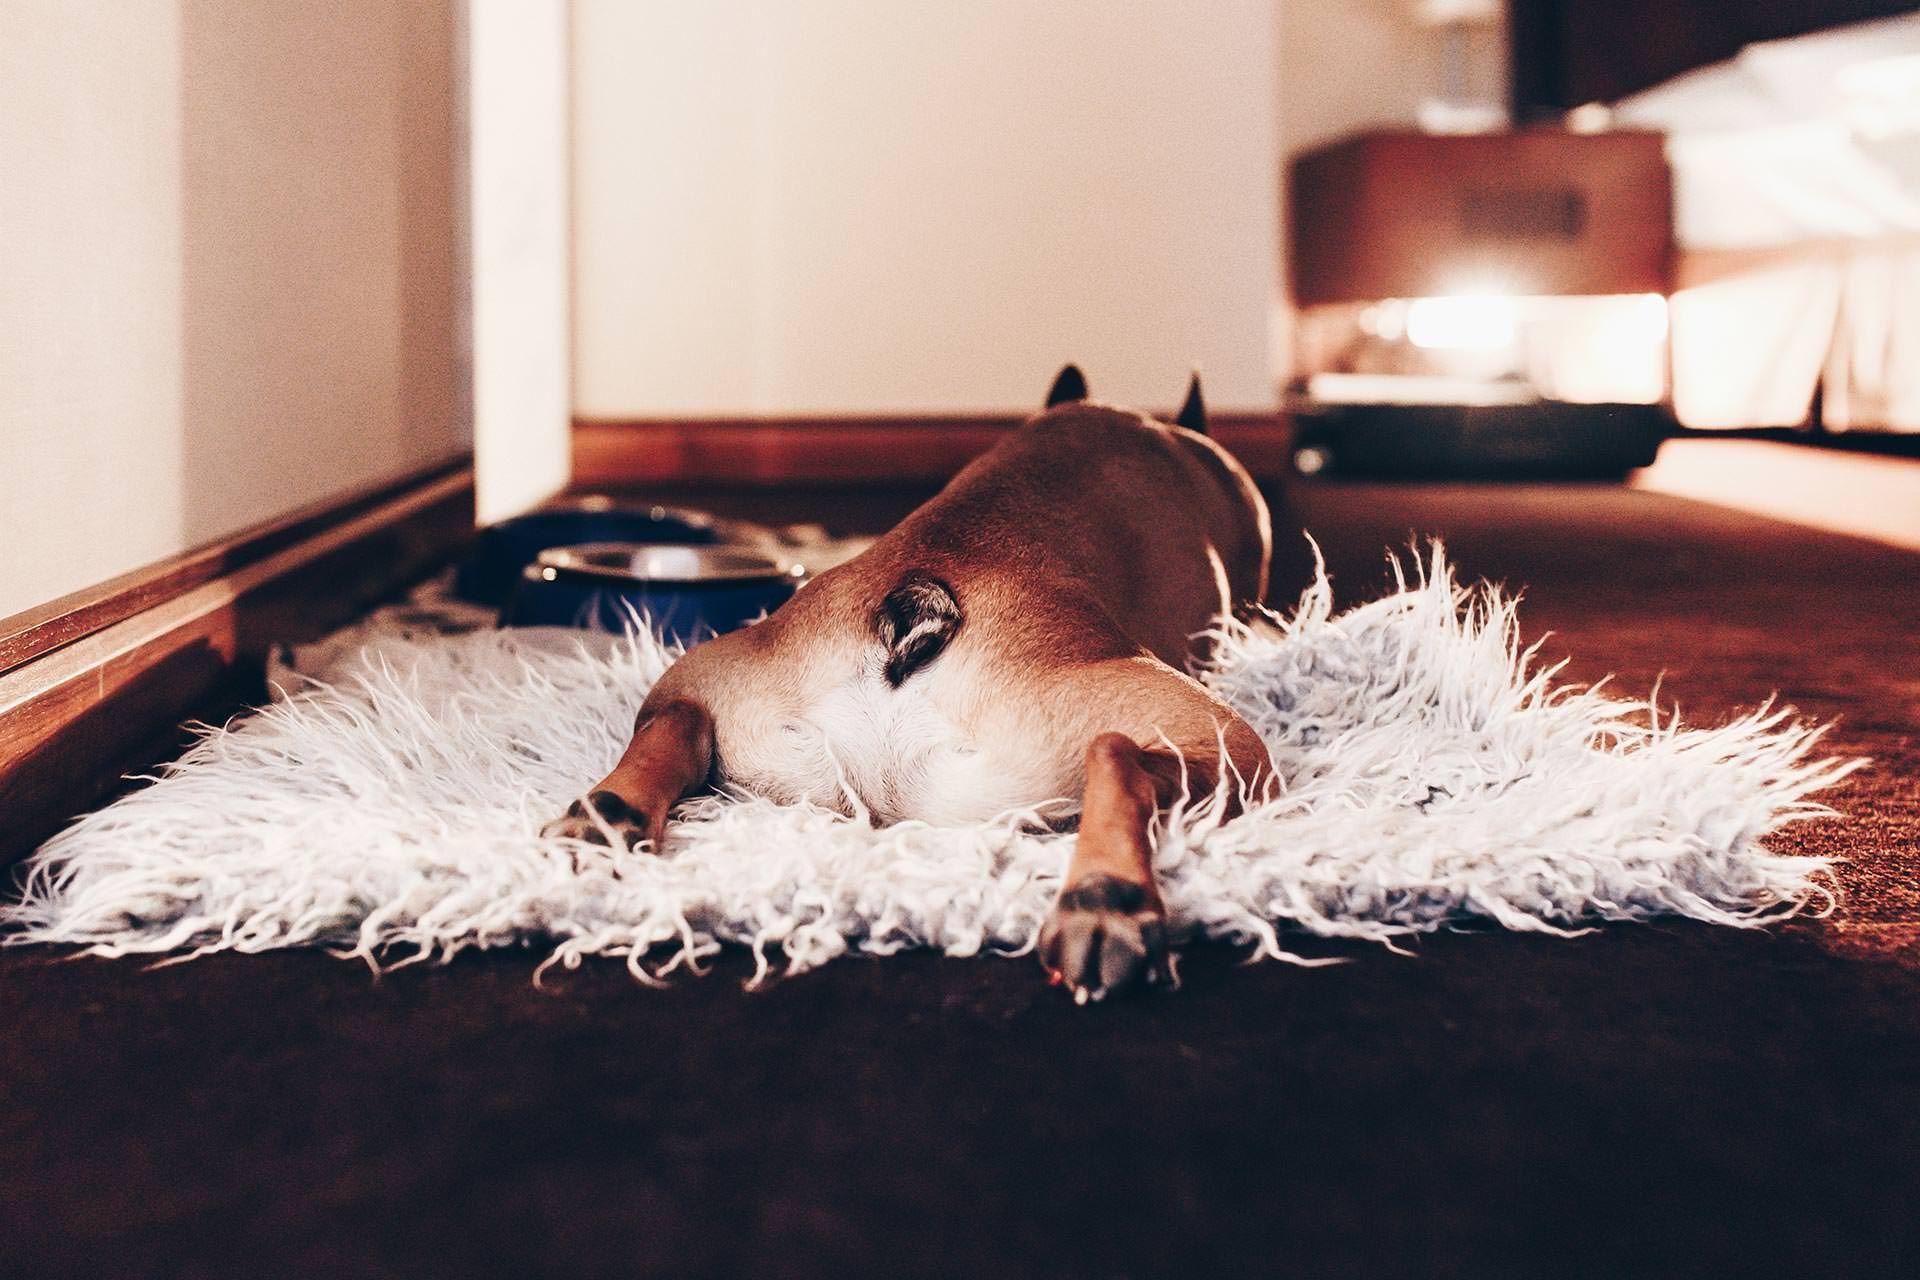 Urlaub Mit Hund In Osterreich Direkt Am See Urlaub Mit Hund Im Hotel Am Worthersee In Karnten Urlaub Mit Hund Im Schloss Urlaub Mit Hund Hunde Hund Und Katze